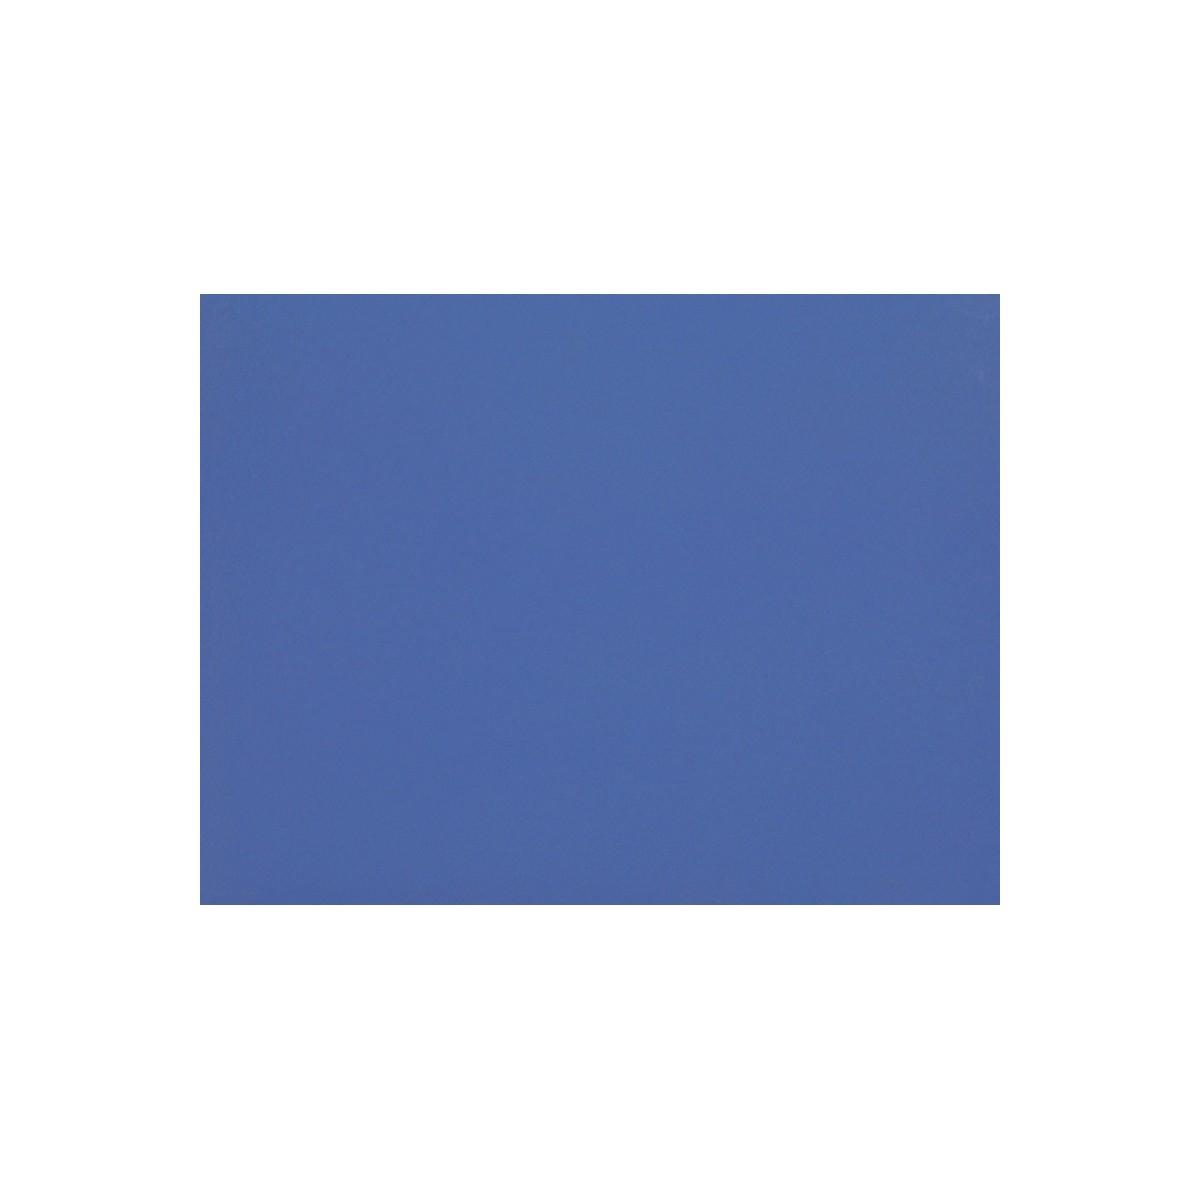 Cork fabric Natural Light Blue